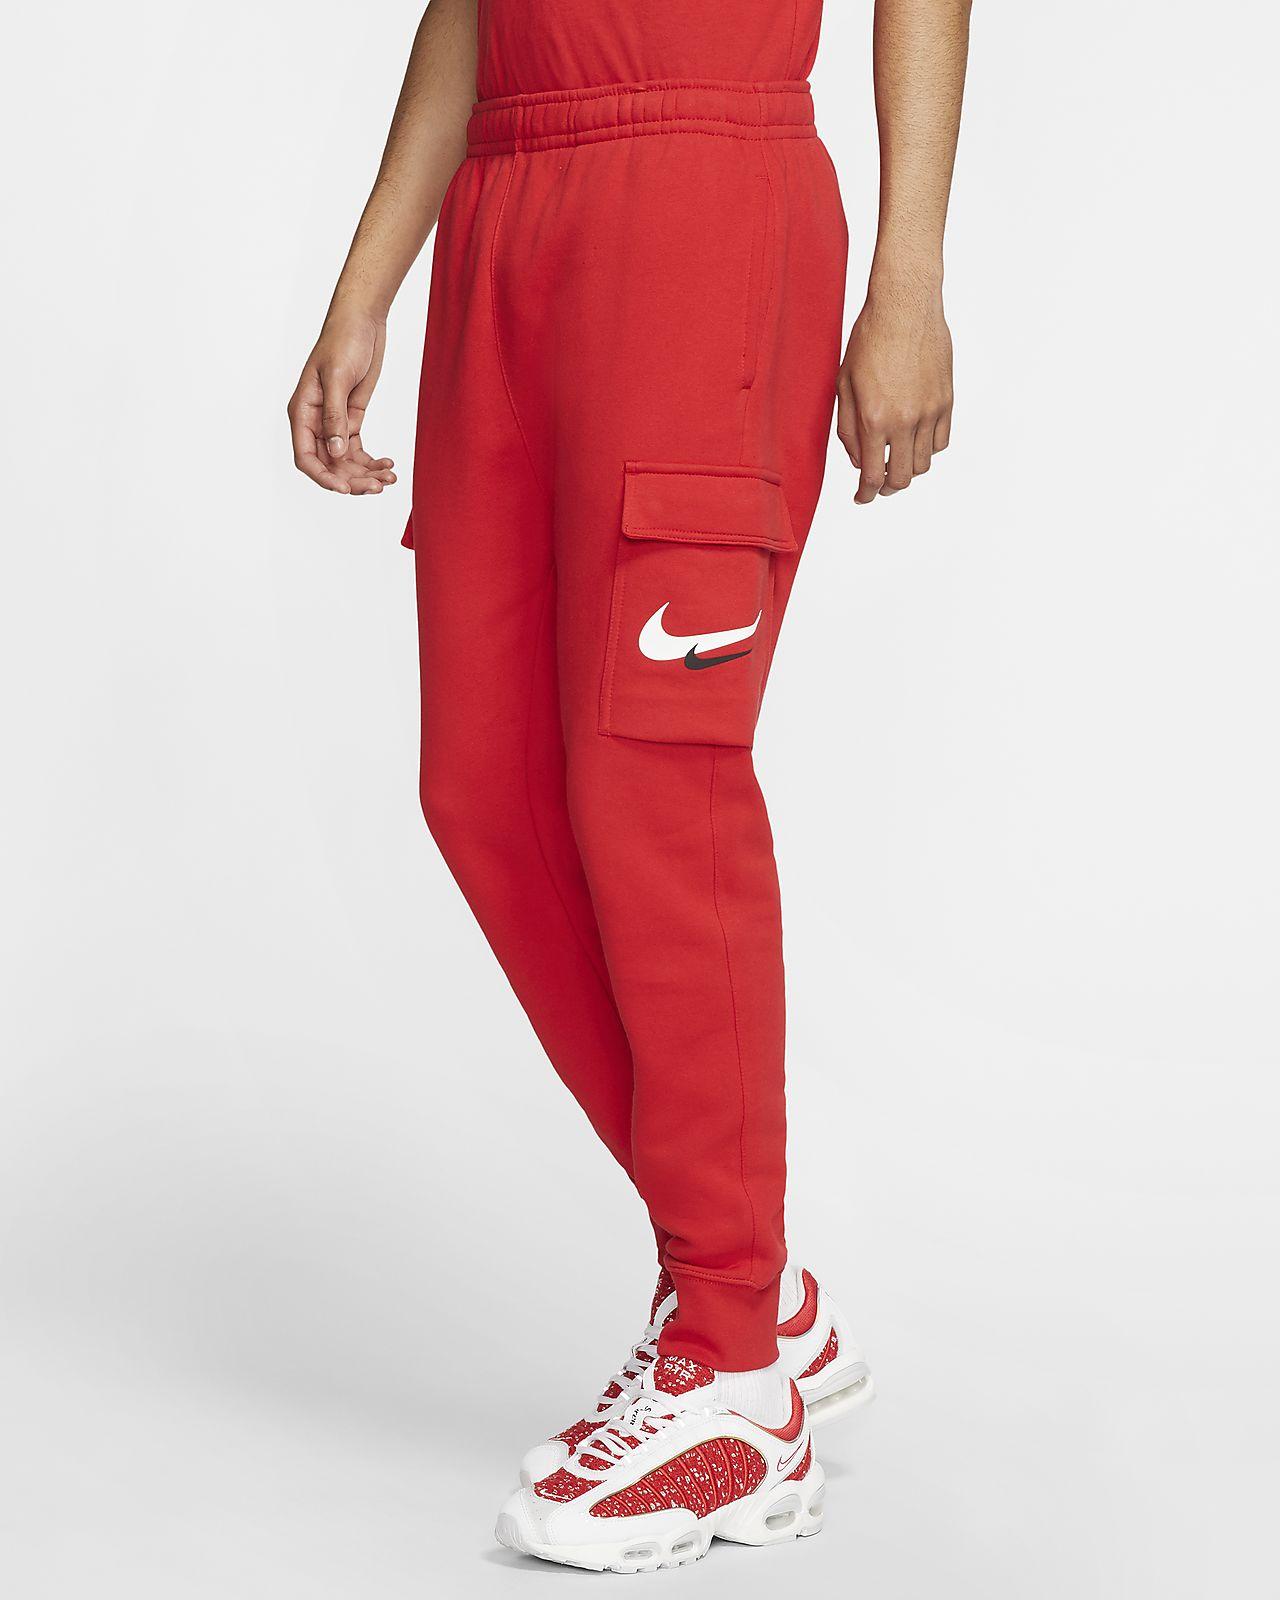 Мужские брюки карго с логотипом Swoosh Nike Sportswear